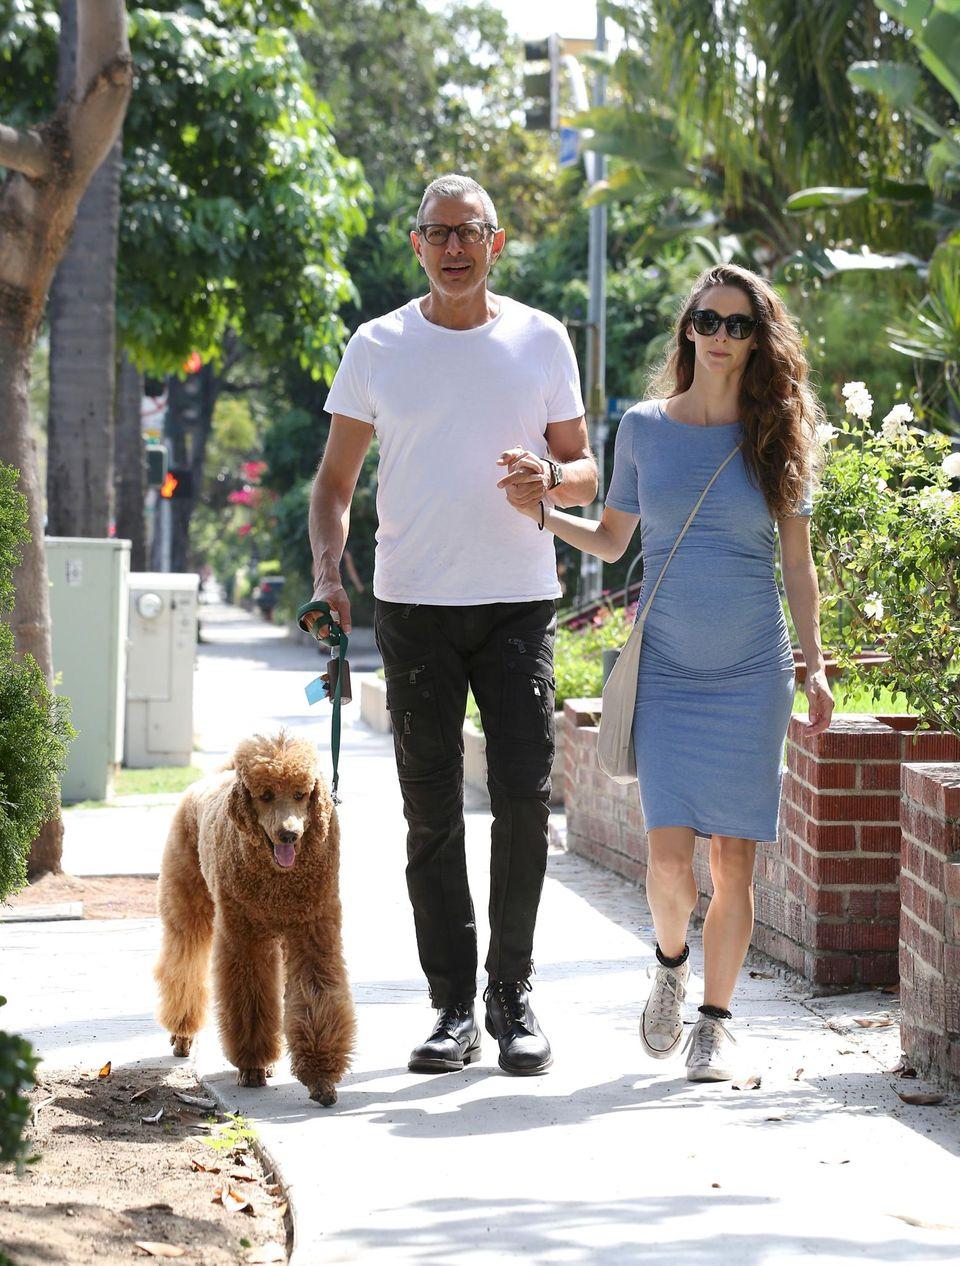 22. März 2015: Jeff Goldblum macht einen Spaziergang durch Hollywood mit Freundin Emilie Livingston und seinem Hund.